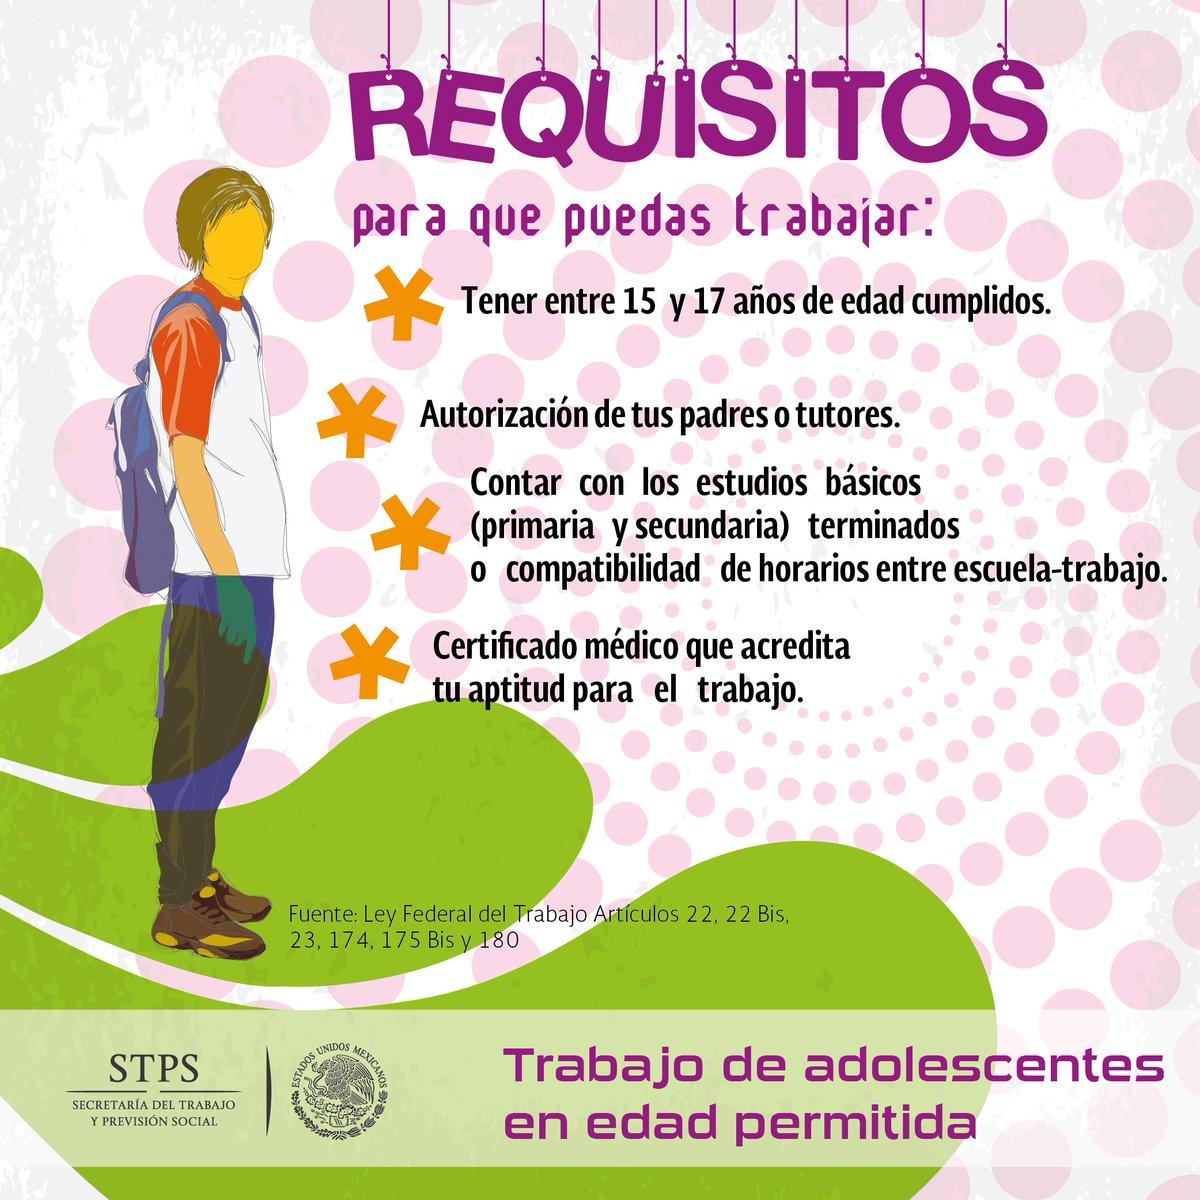 Stps Mexico On Twitter Los Requisitos Del Trabajo De Adolescentes